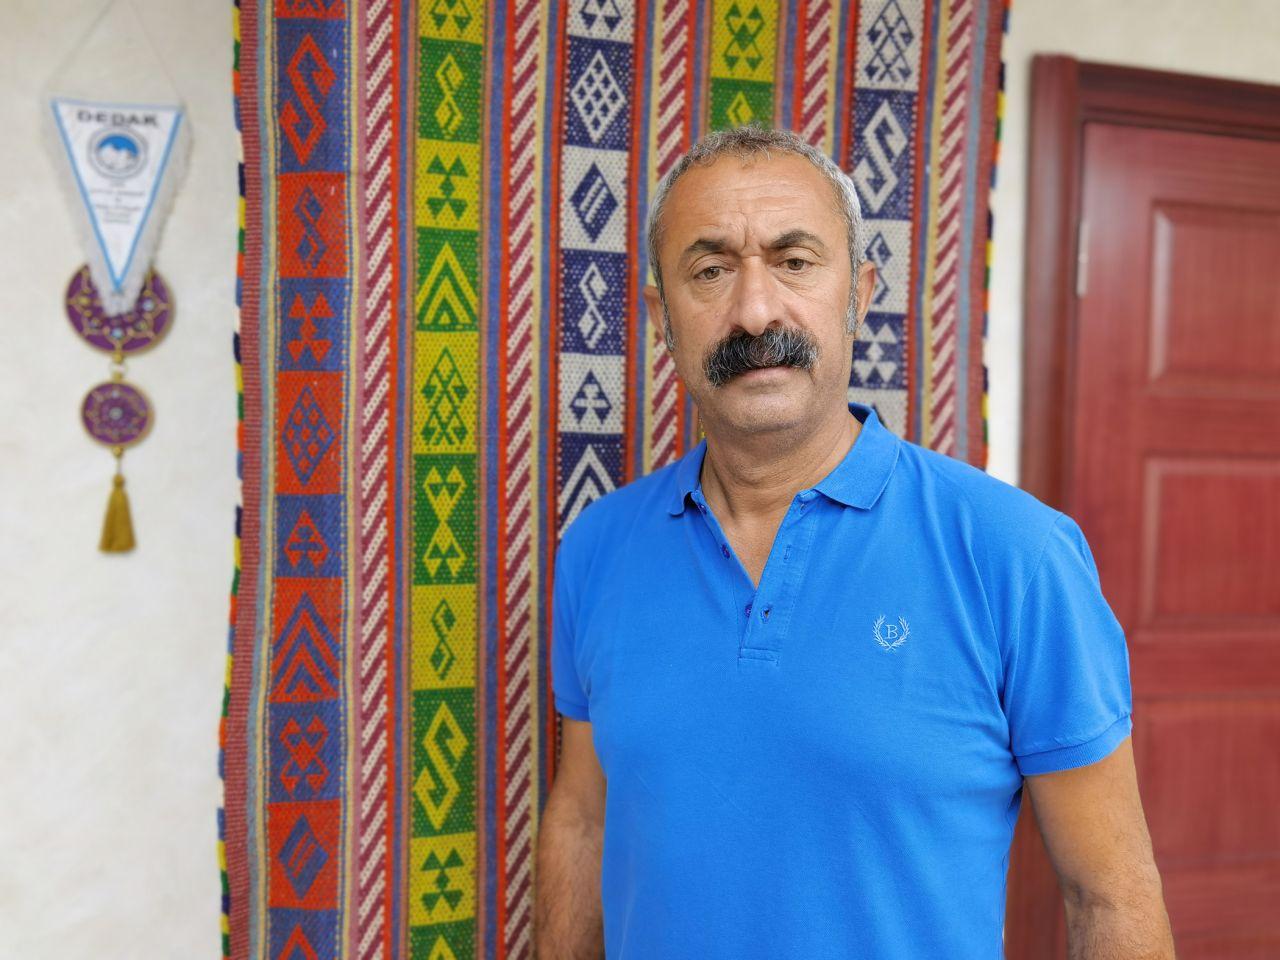 Tunceli'deki Munzur Üniversitesi öğrencileri yüksek ev kiraları için isyan etti. Komünist başkan ev sahiplerine çağrı yaptı, valilik de harekete geçti - Sayfa:3